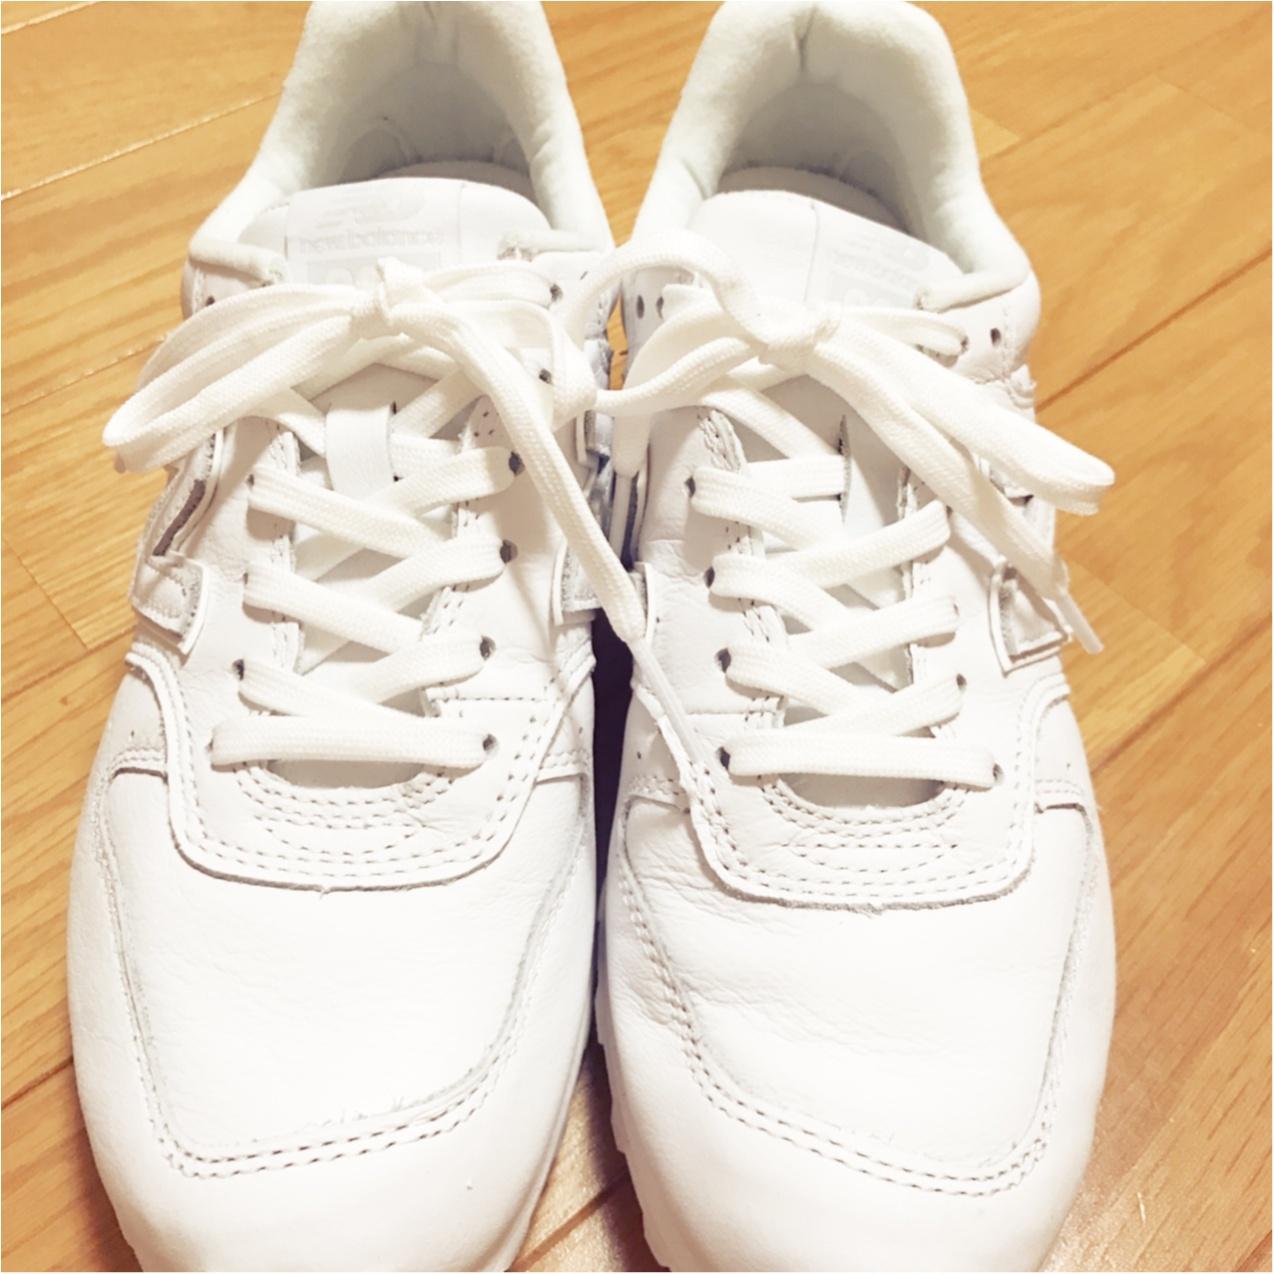 履くだけで一気に春めく❤︎【白スニーカー】のススメ_4